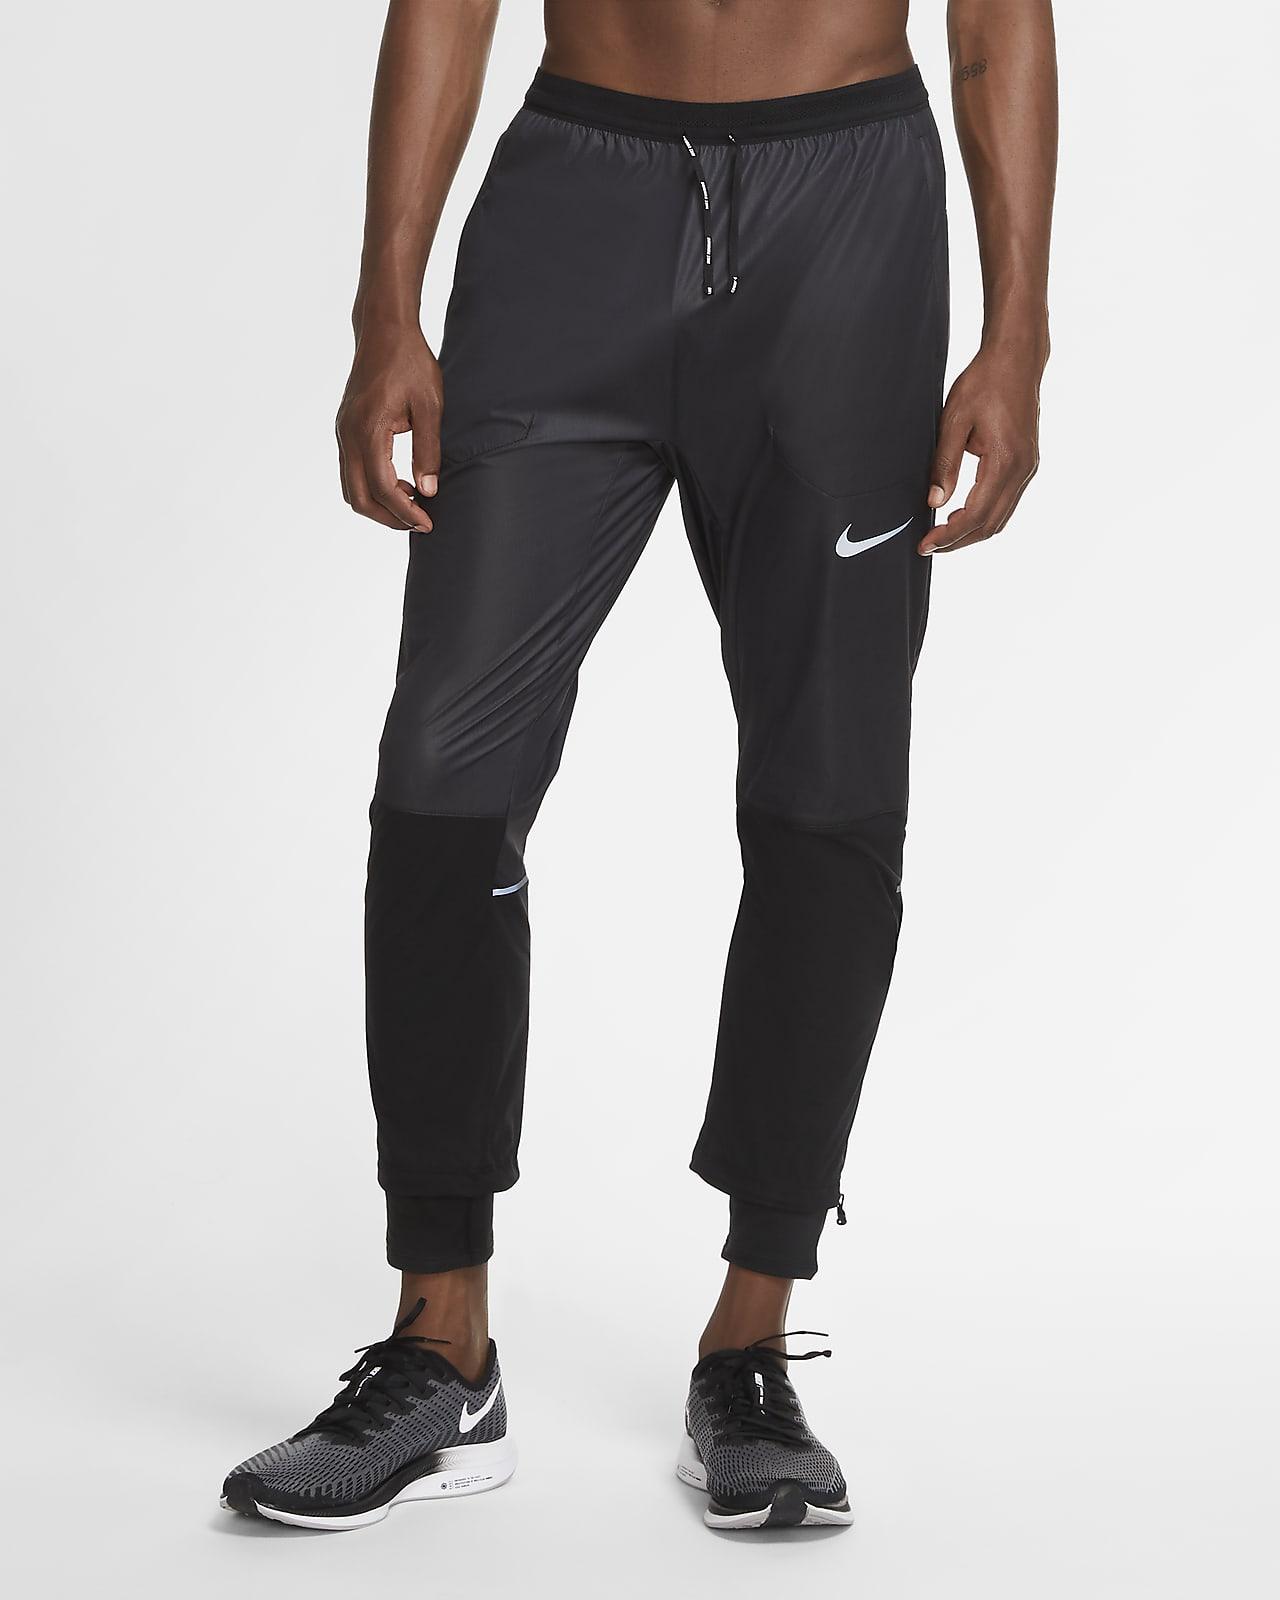 dividir ampliar Obsesión  Pantalones de running para hombre Nike Swift Shield. Nike.com